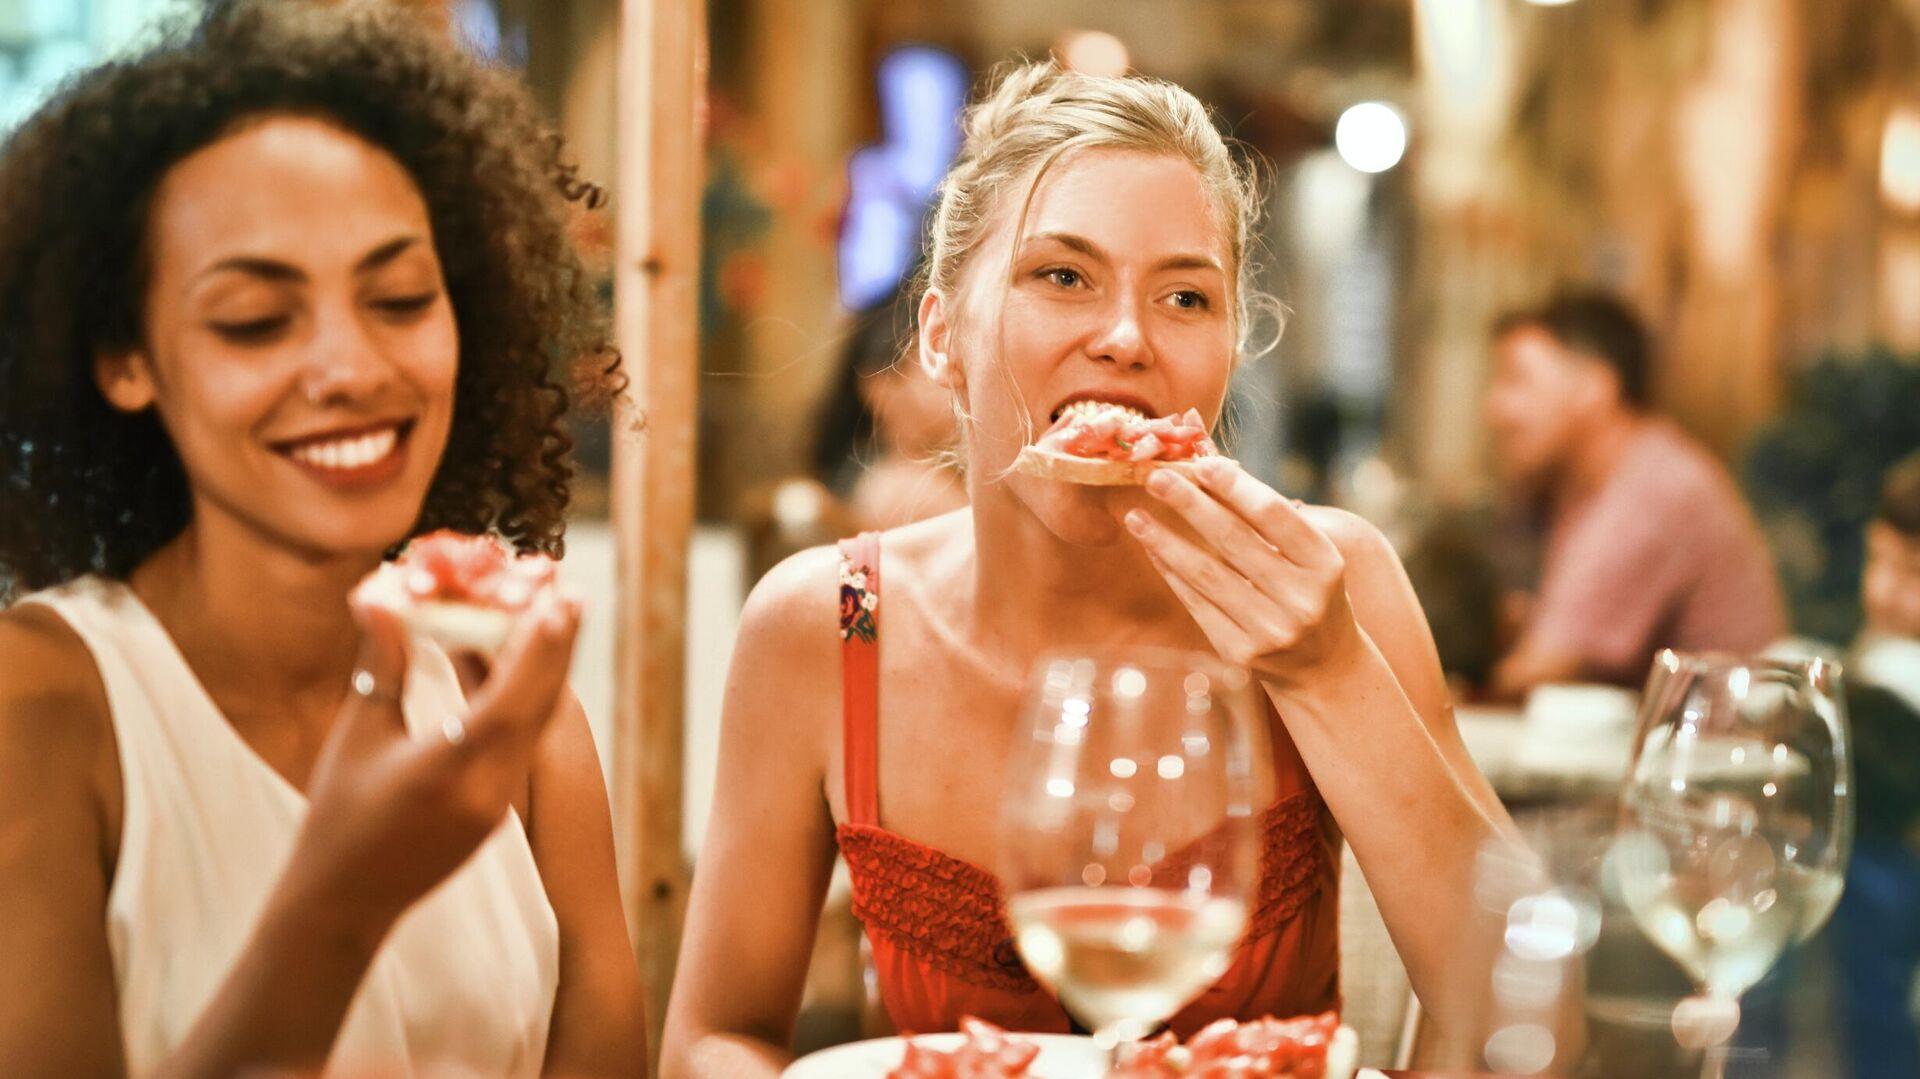 Unas jóvenes en un restaurante - Sputnik Mundo, 1920, 17.06.2021